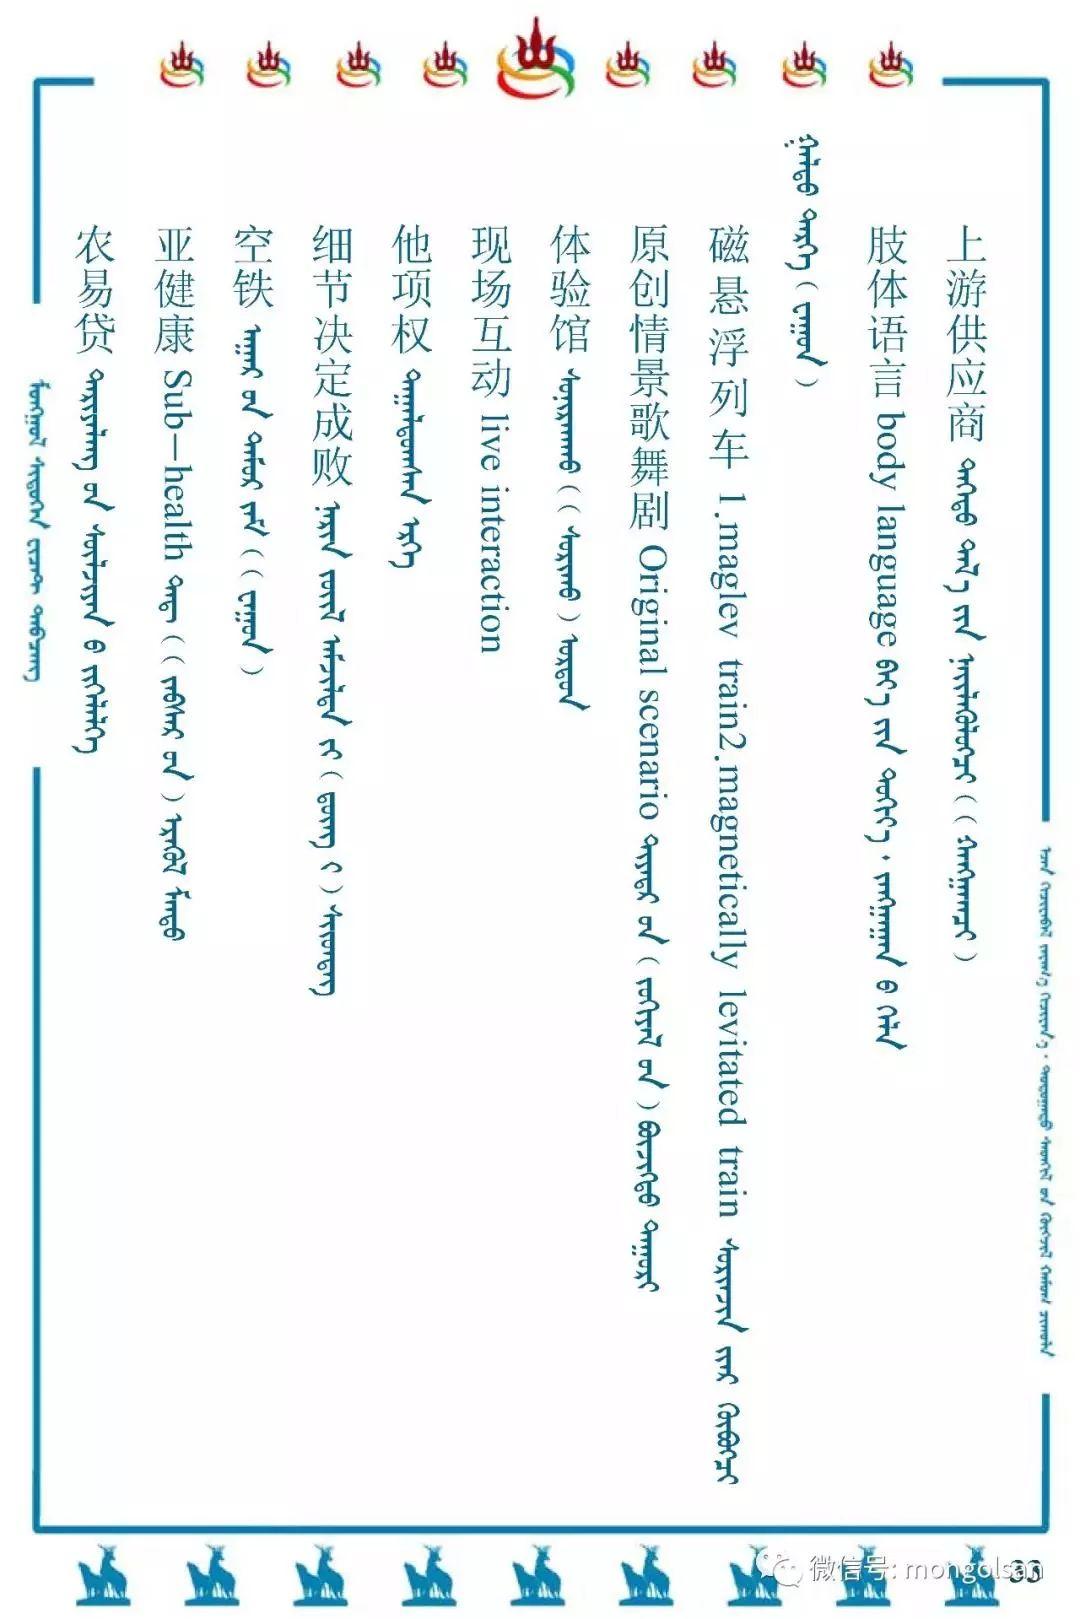 最新名词蒙古语翻译参考 第33张